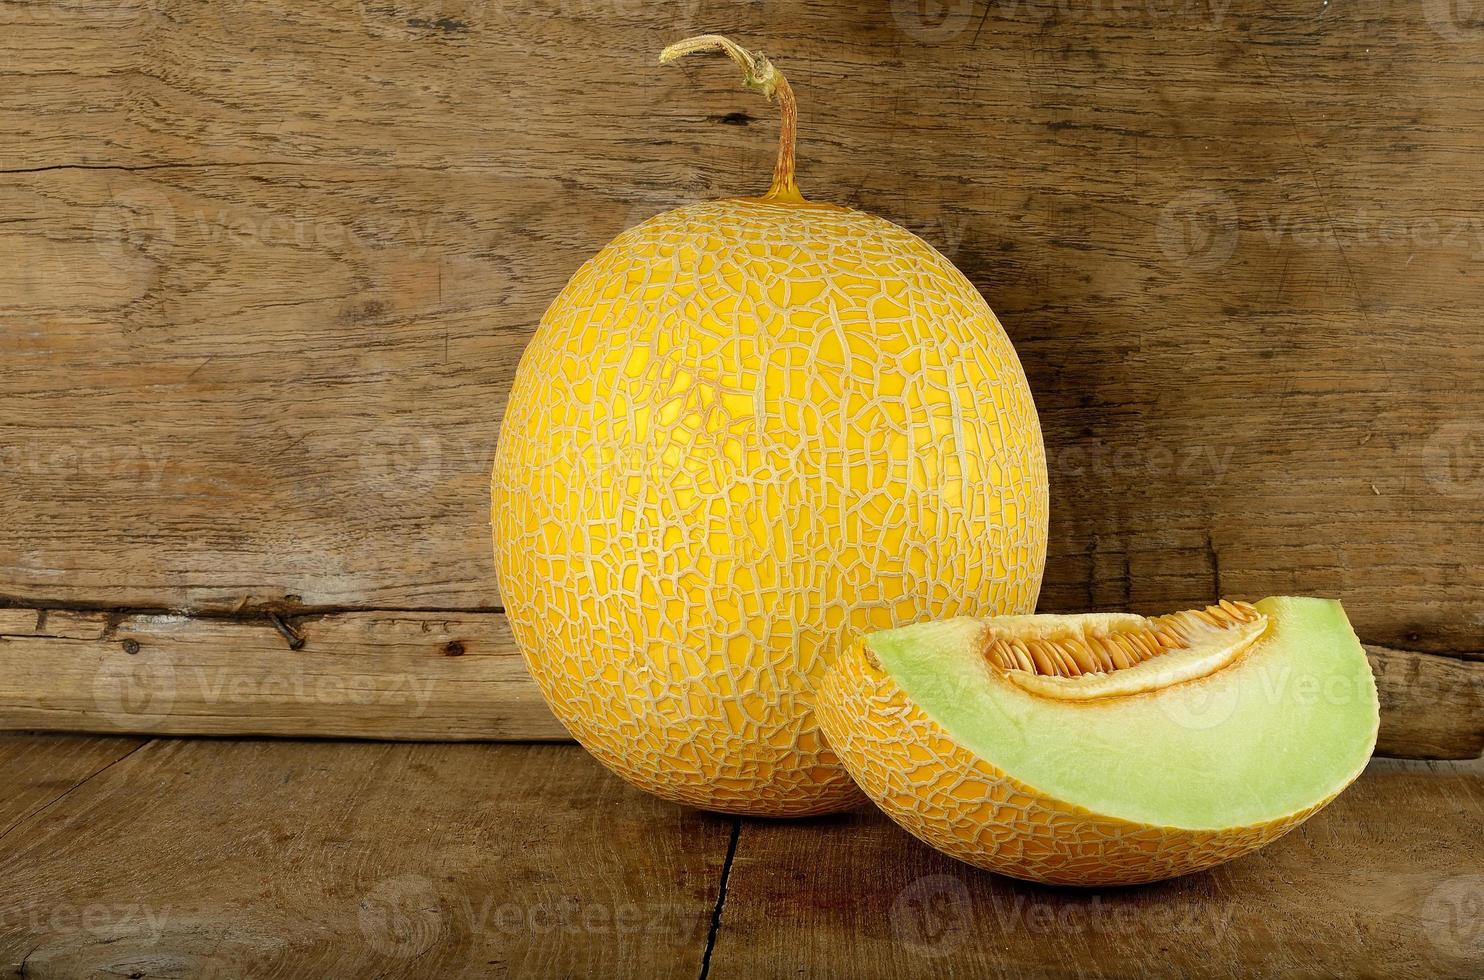 melone giallo melone su fondo di legno foto